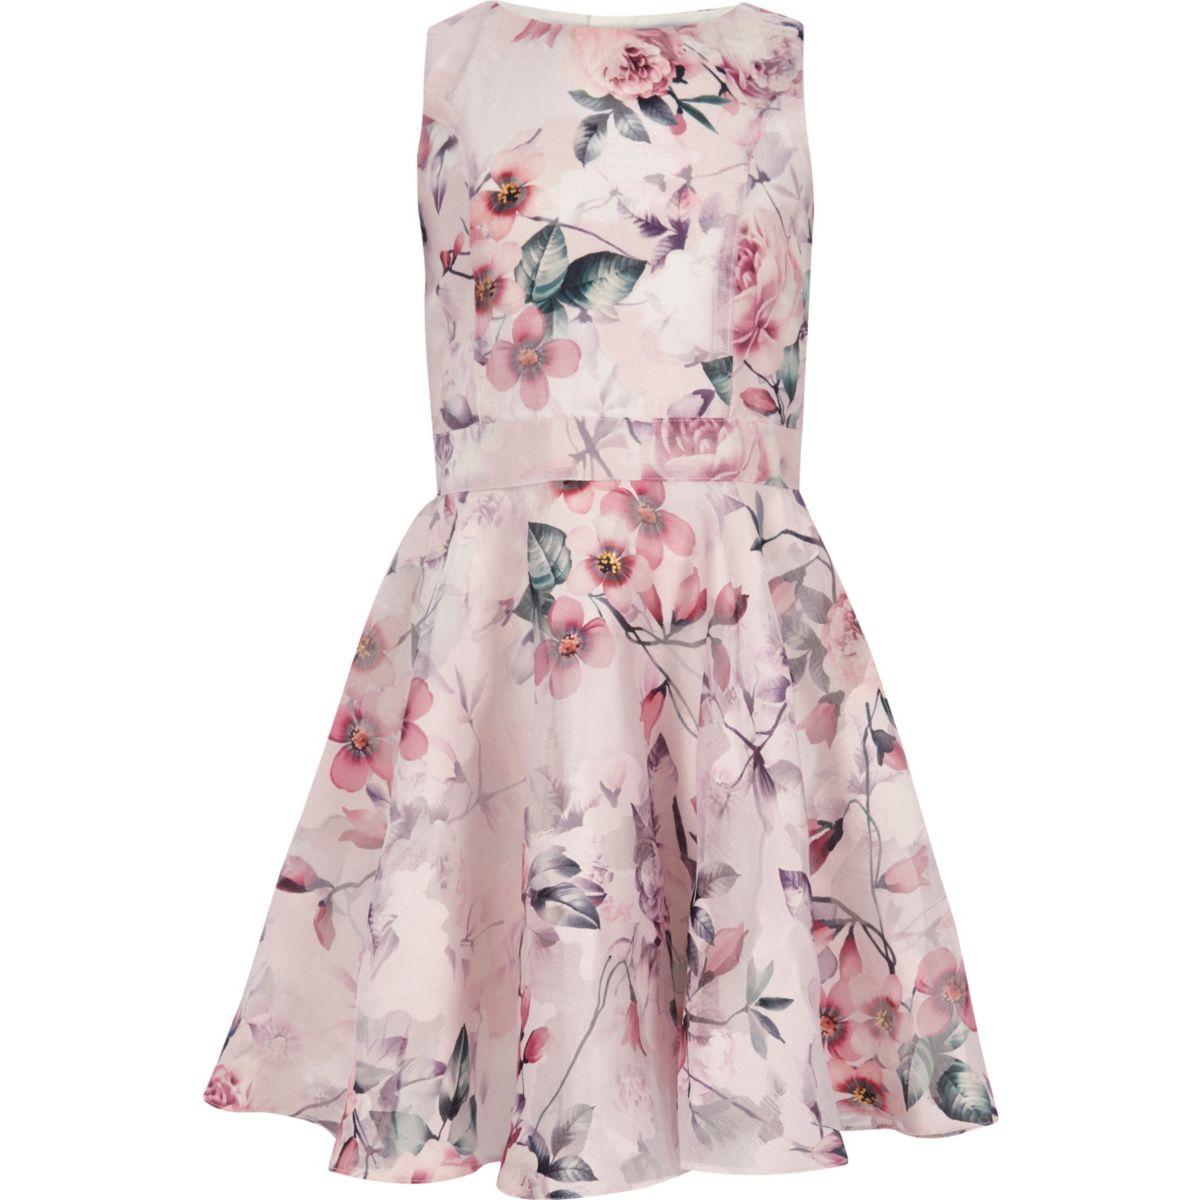 Robe de bal à imprimé floral rose pour fille